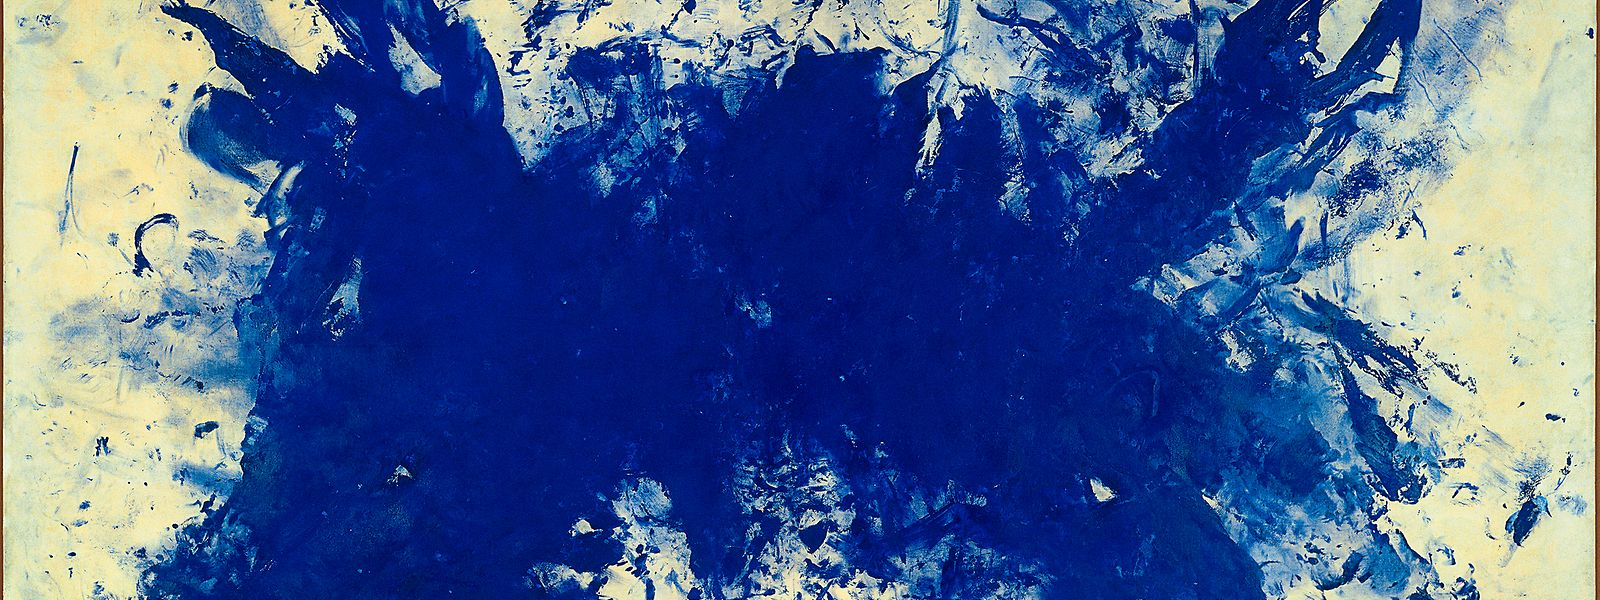 Yves Klein, un artiste à découvrir dans toute sa diversité.